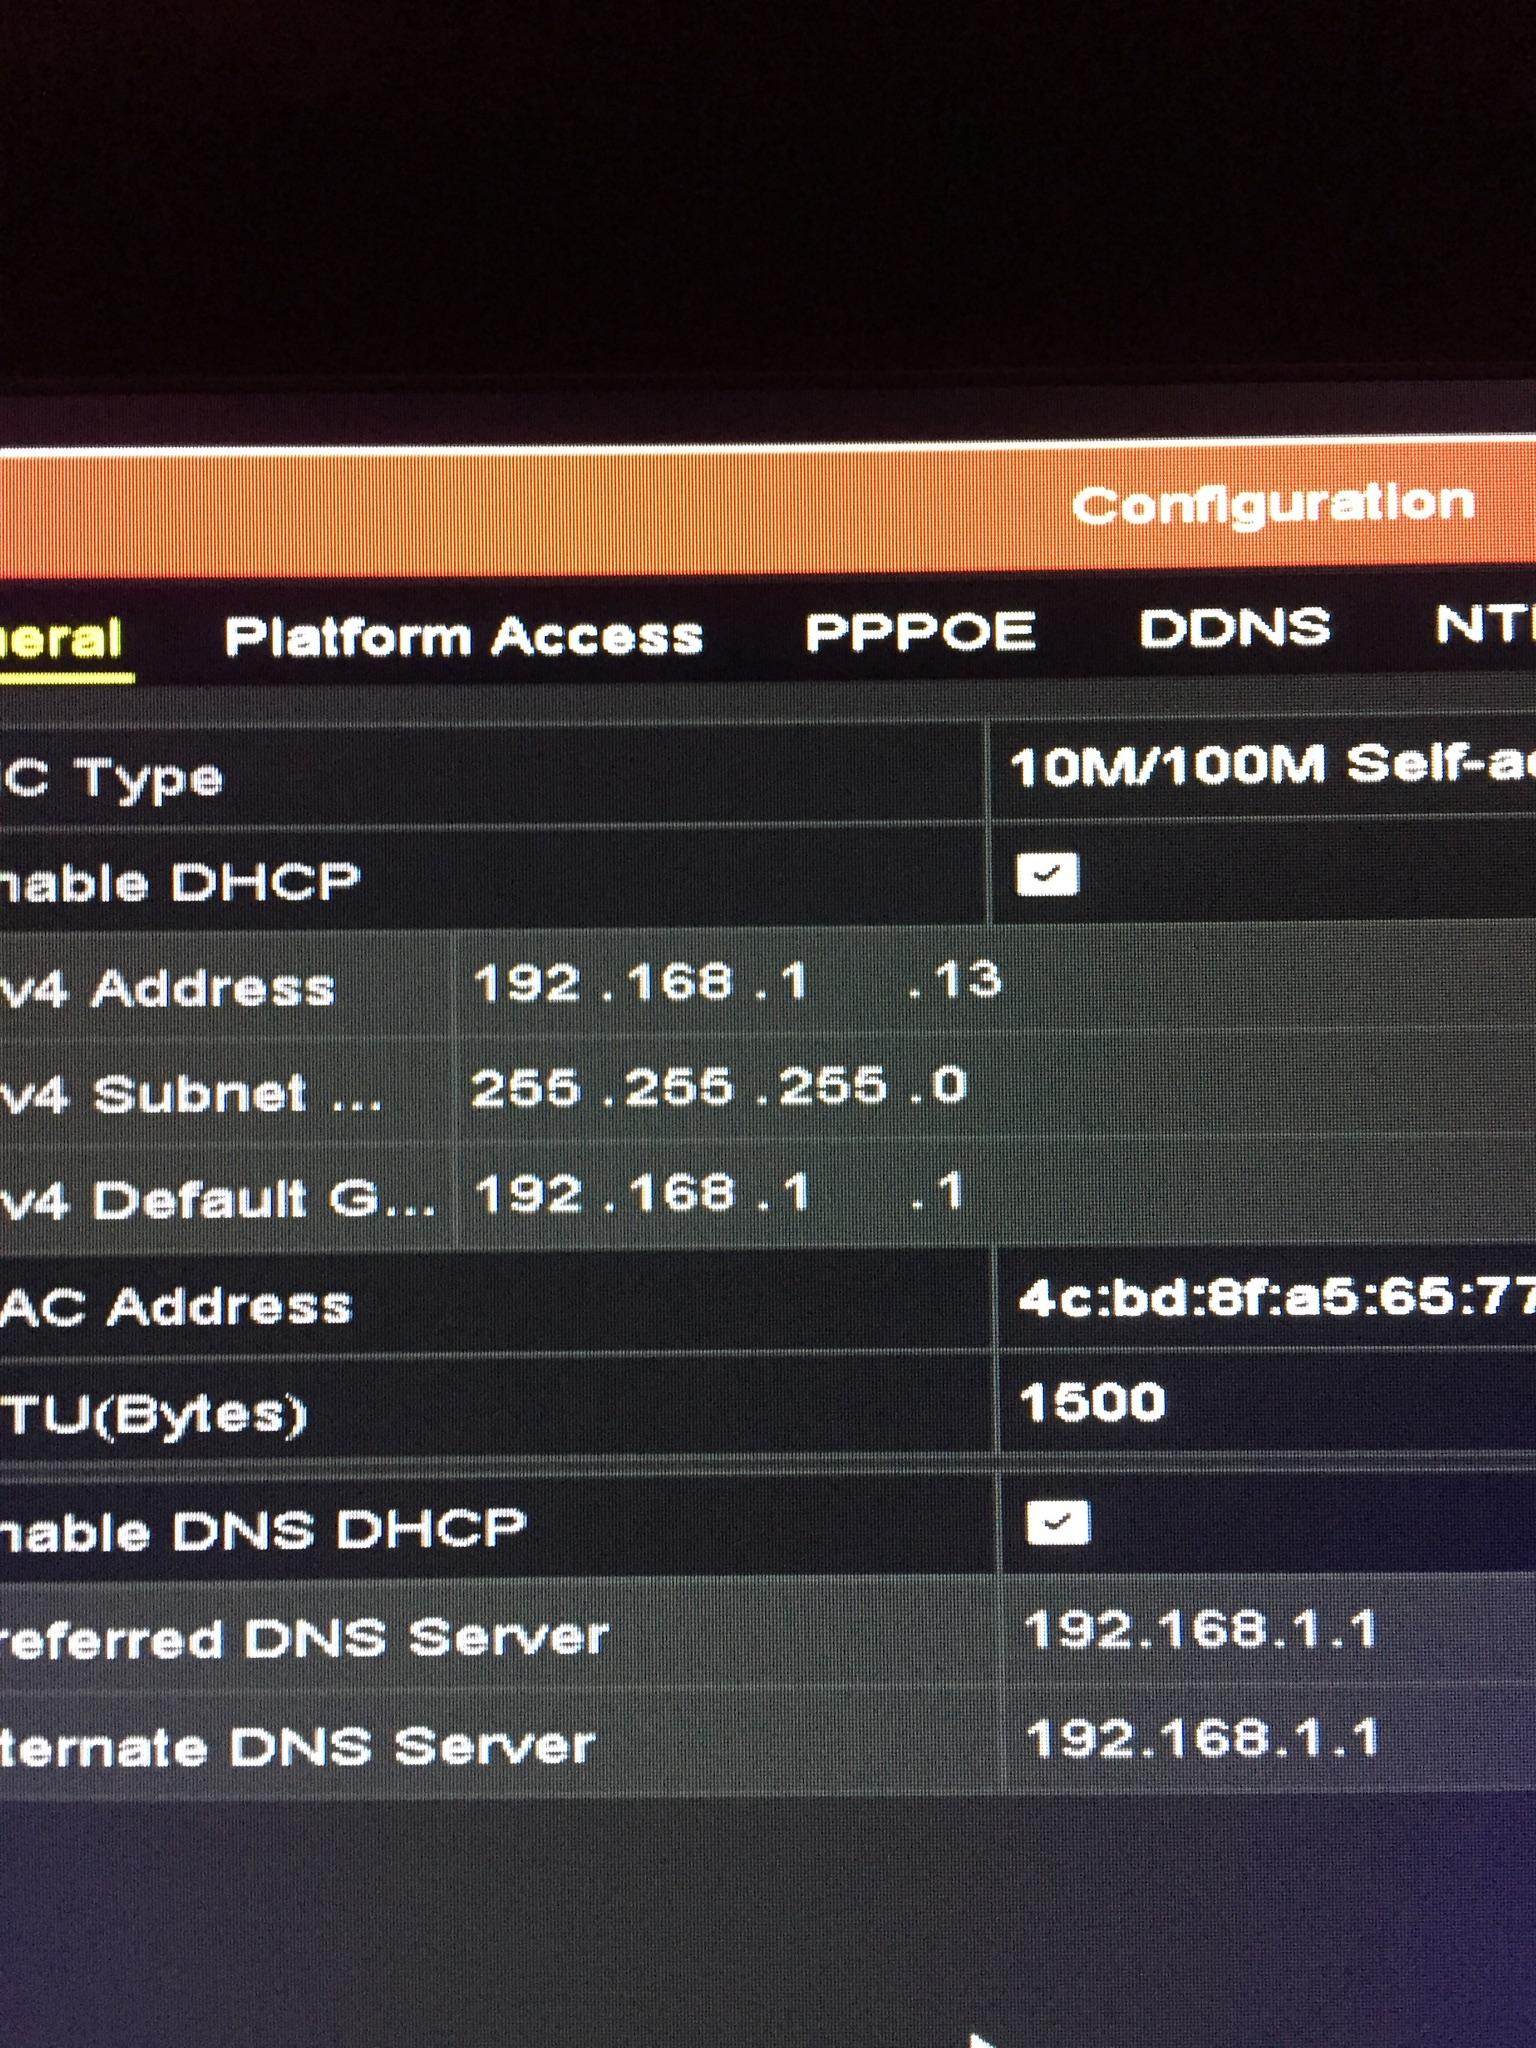 Port forwarding on huawei hg633 router for cctv - TalkTalk